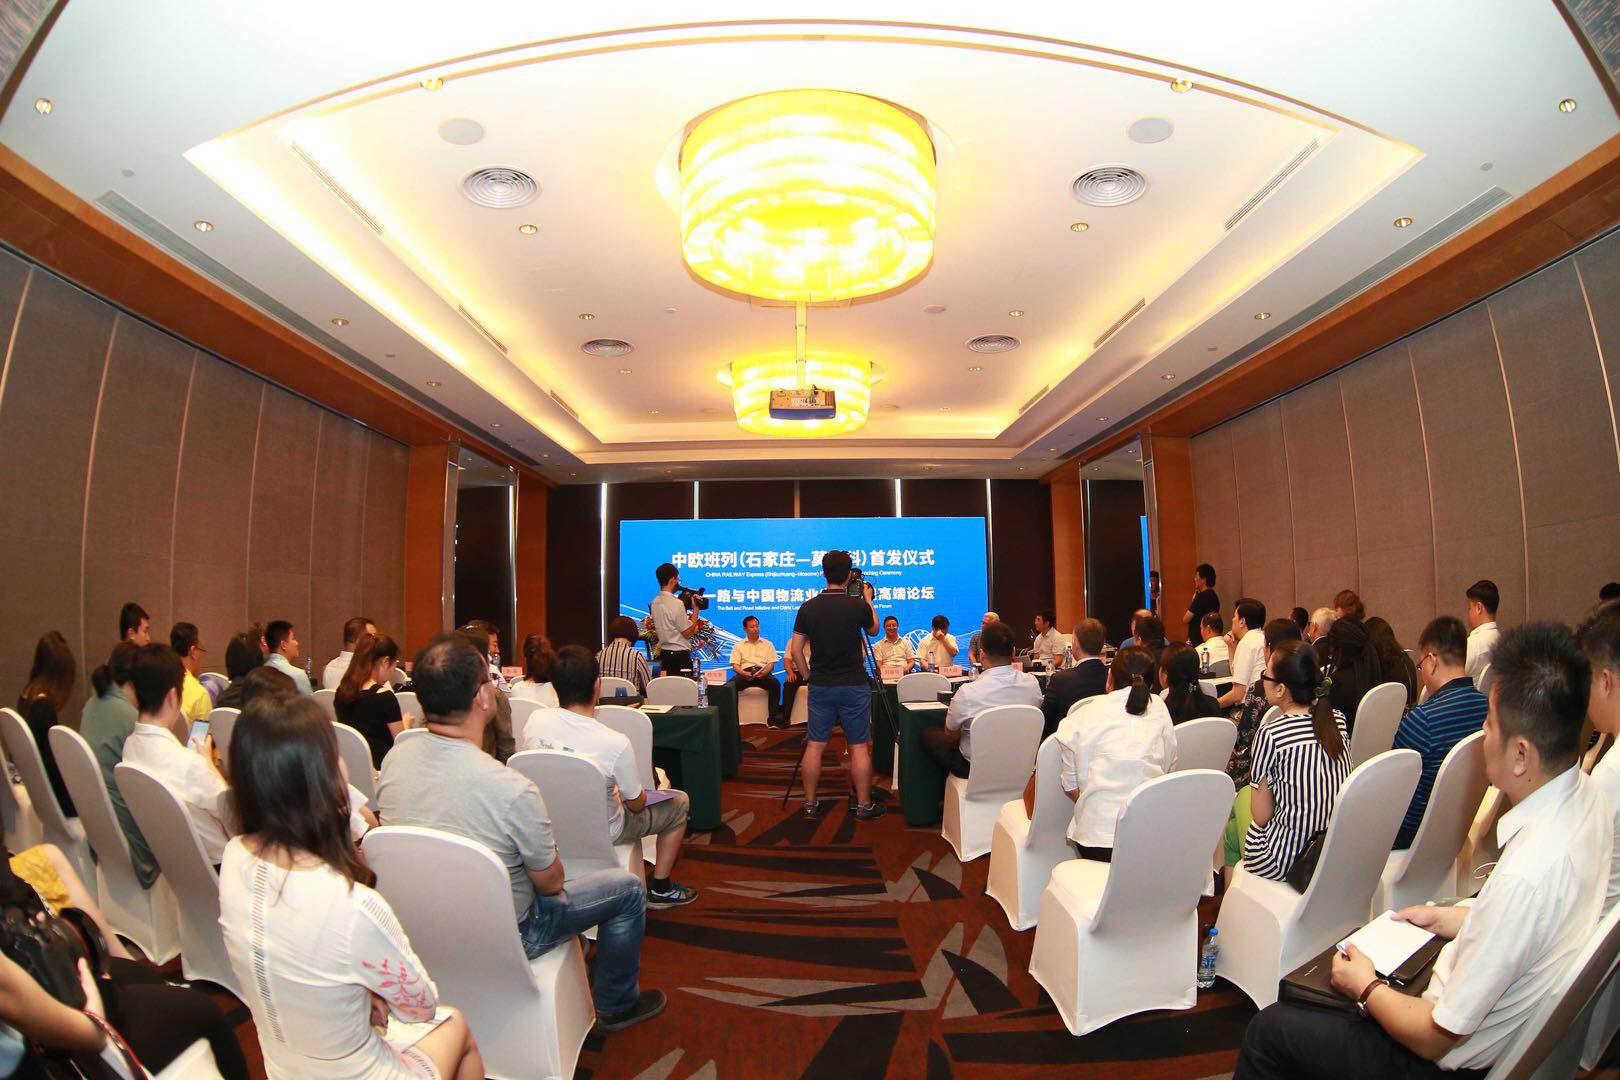 中欧班列首发暨一带一路与中国物流业发展机遇论坛举办